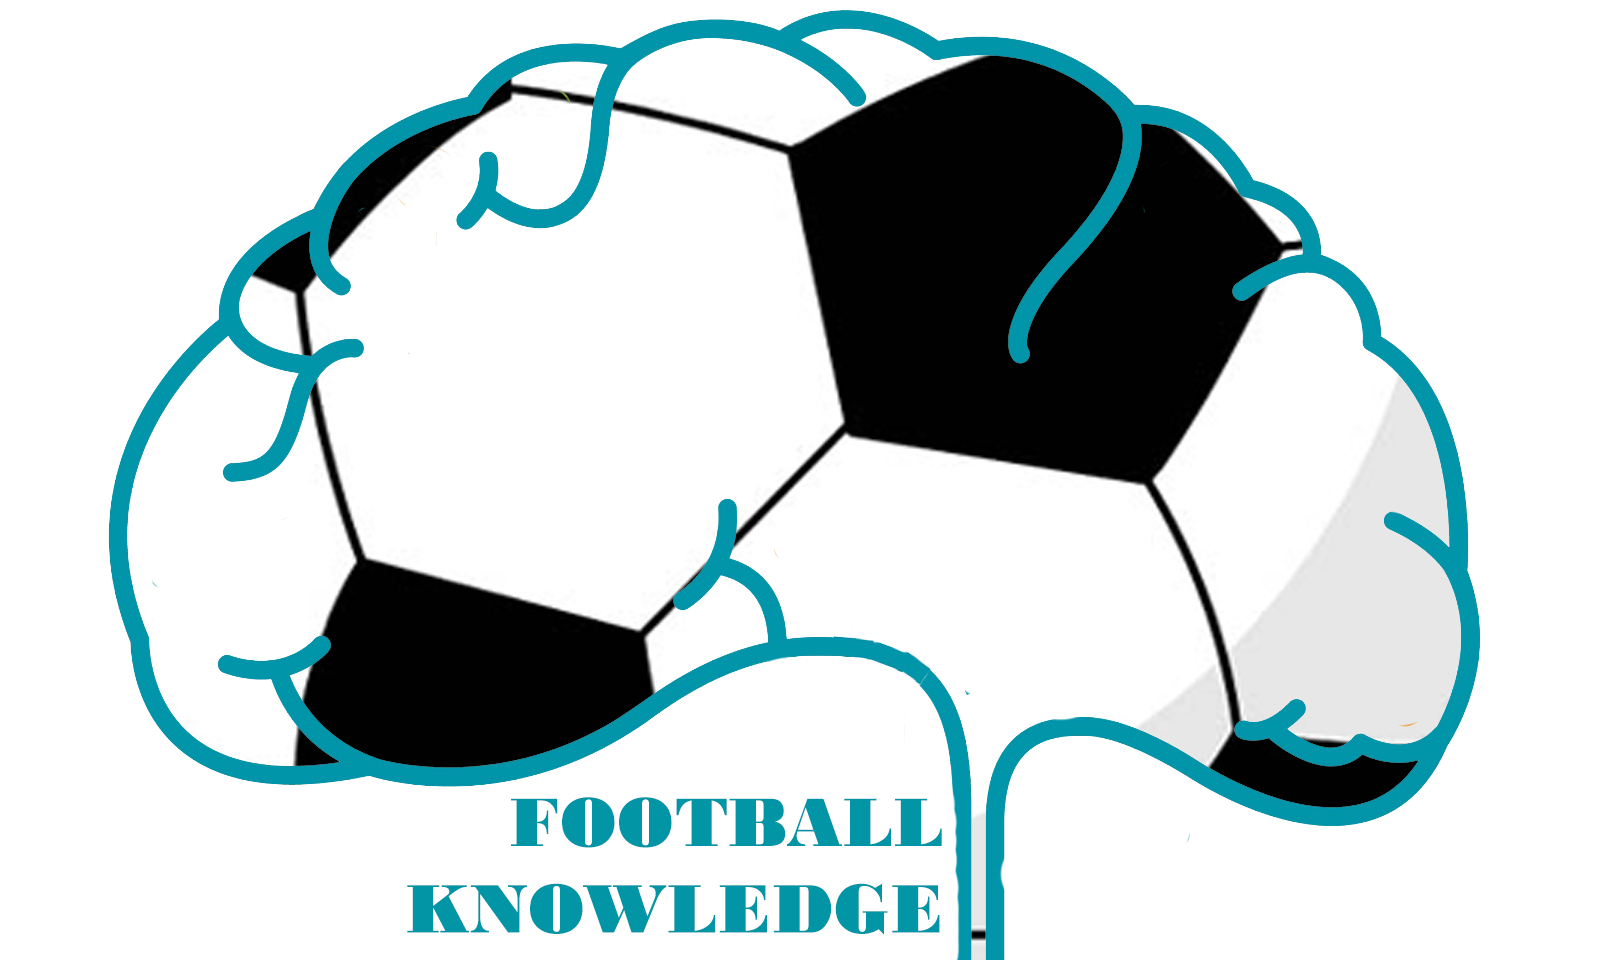 Football Knowledge #2: Mamma ho perso l'aereo